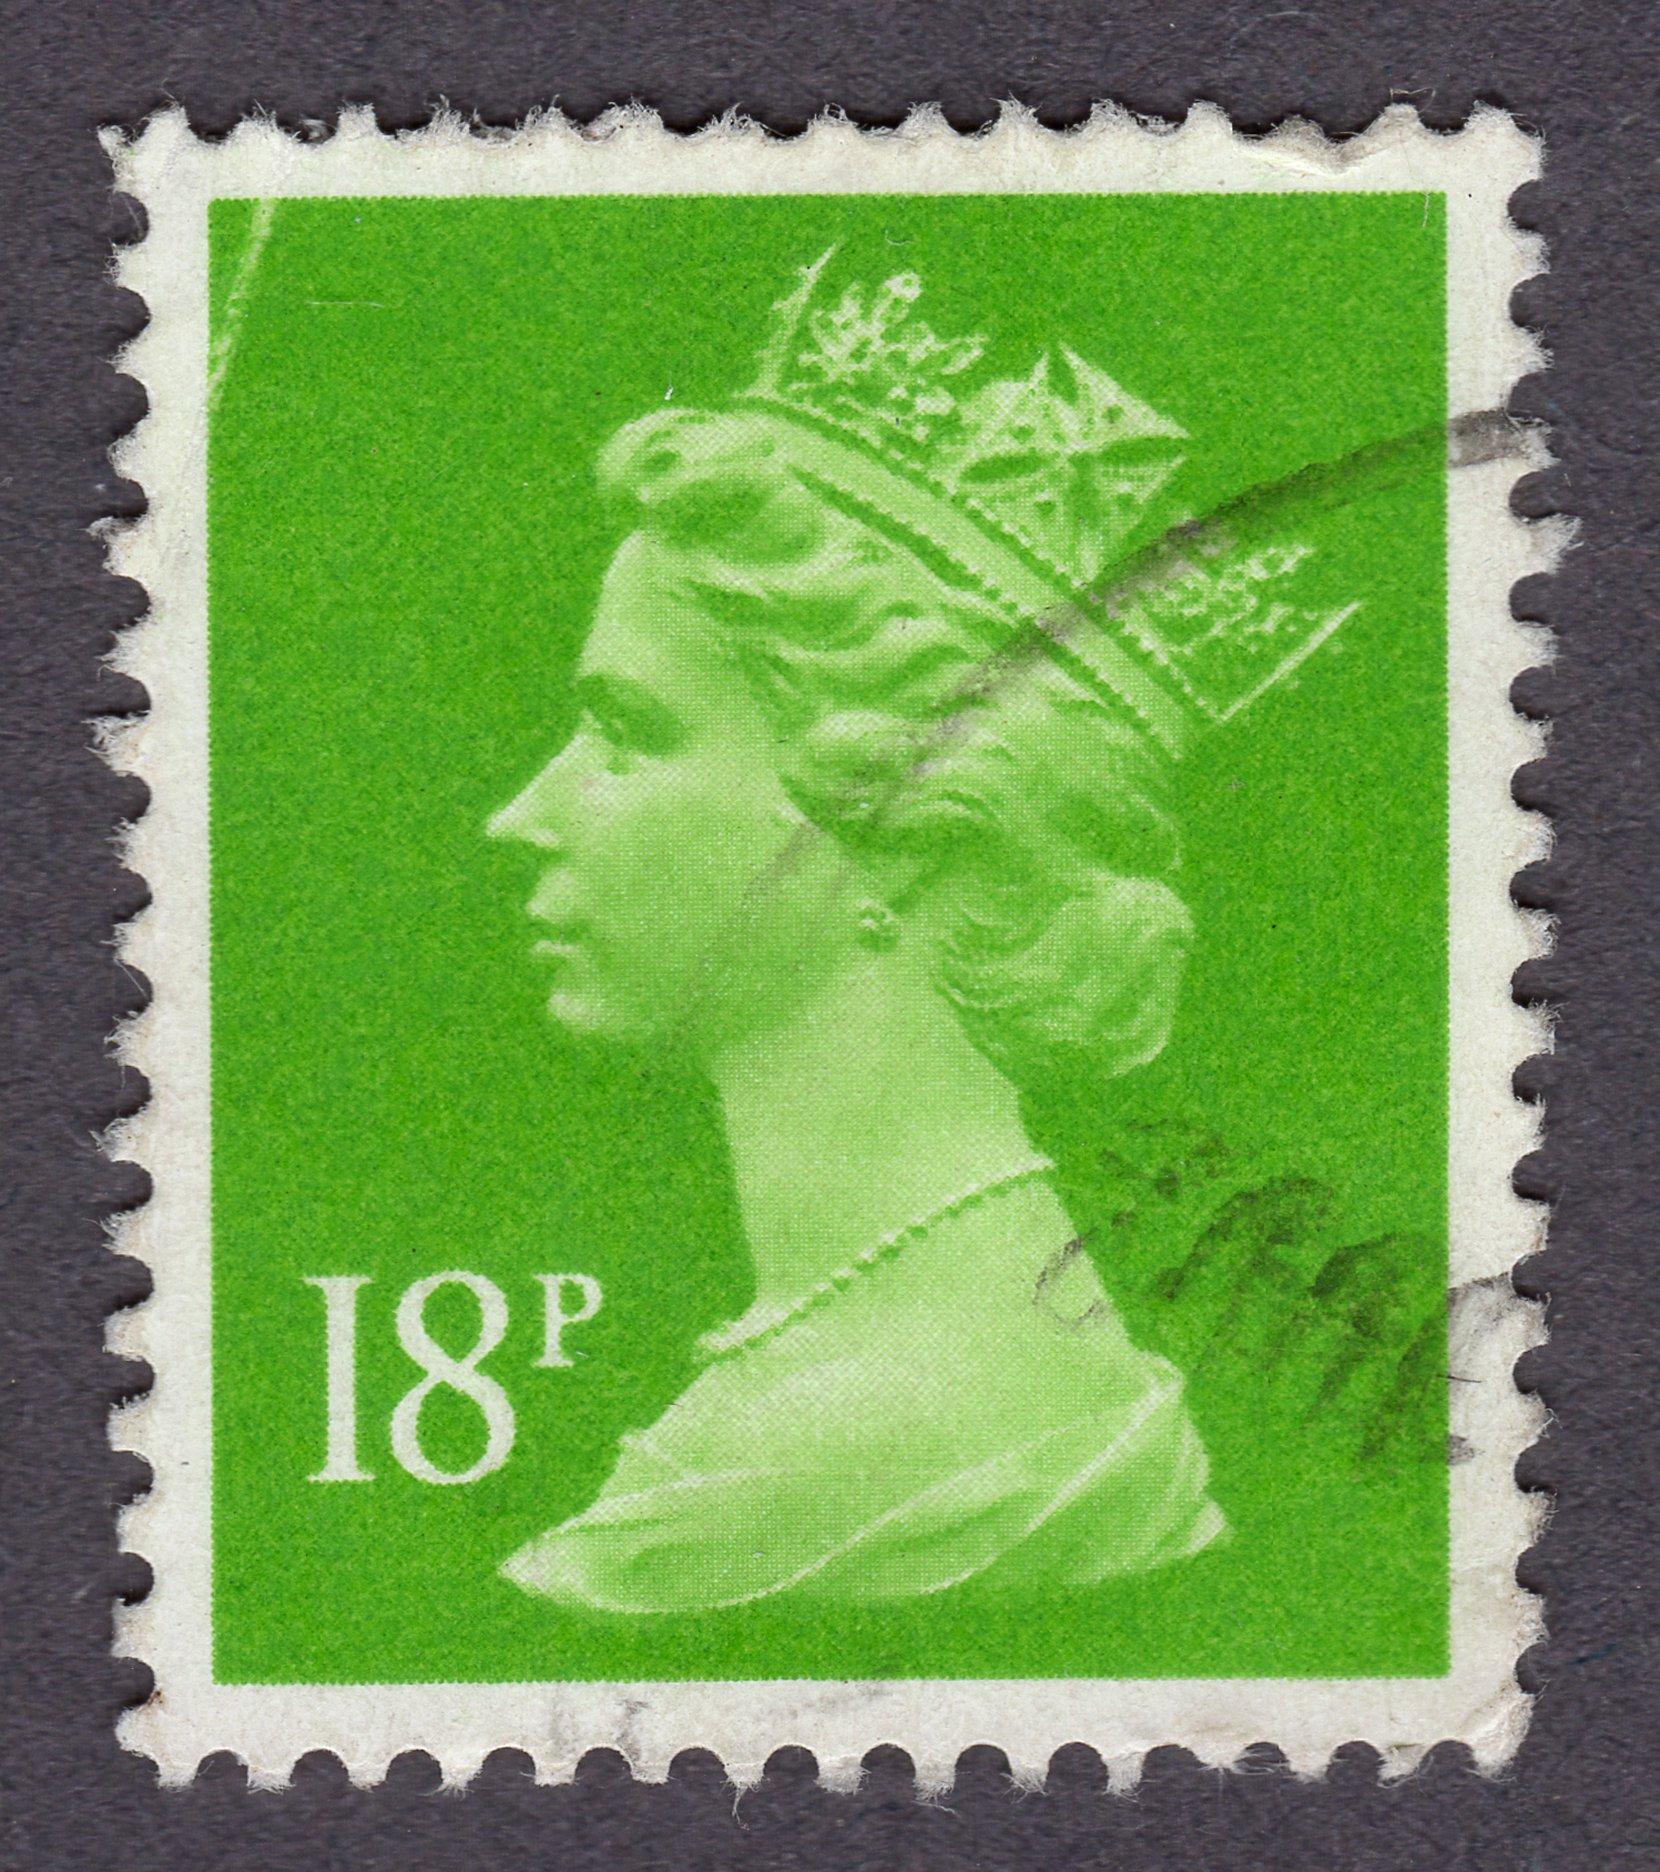 queen elizabeth ii, 18 pence philately revenue stamps